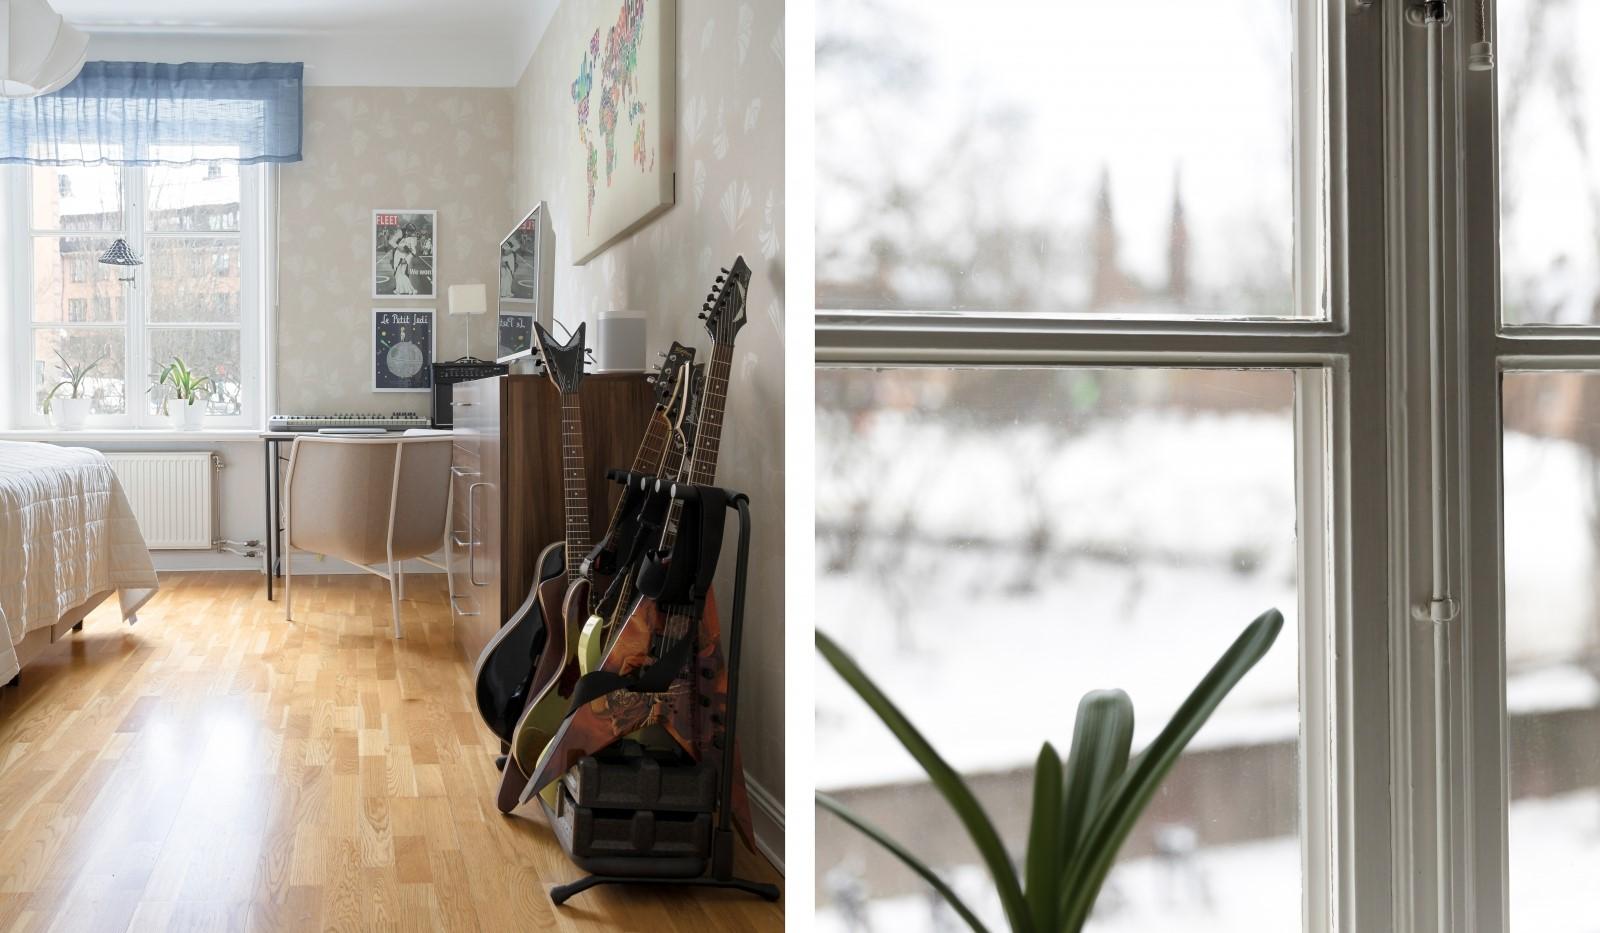 Folkskolegatan 20 - Härliga 20-tals fönster med spröjs